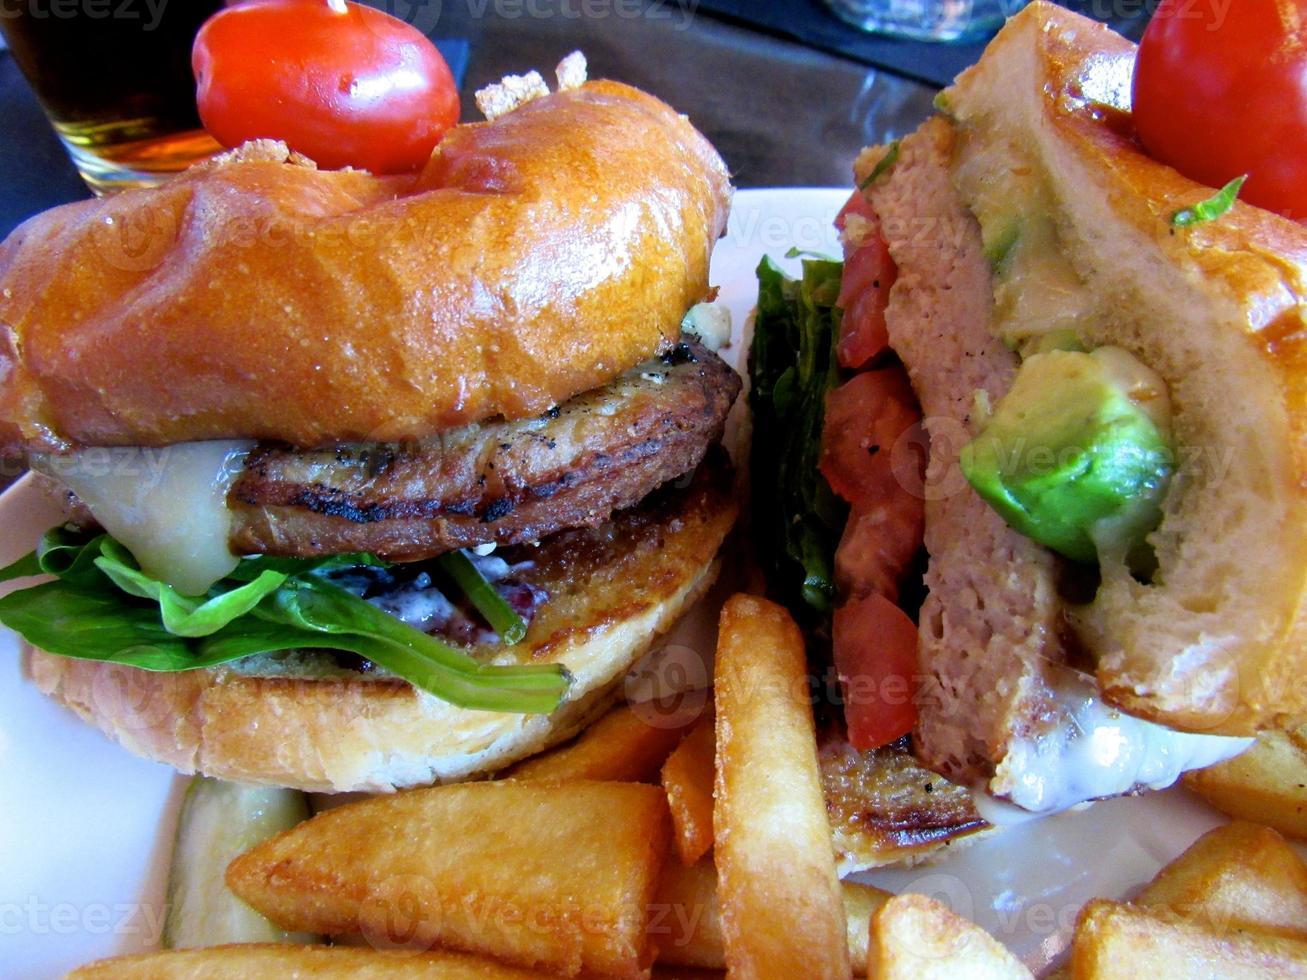 Hamburger close up photo